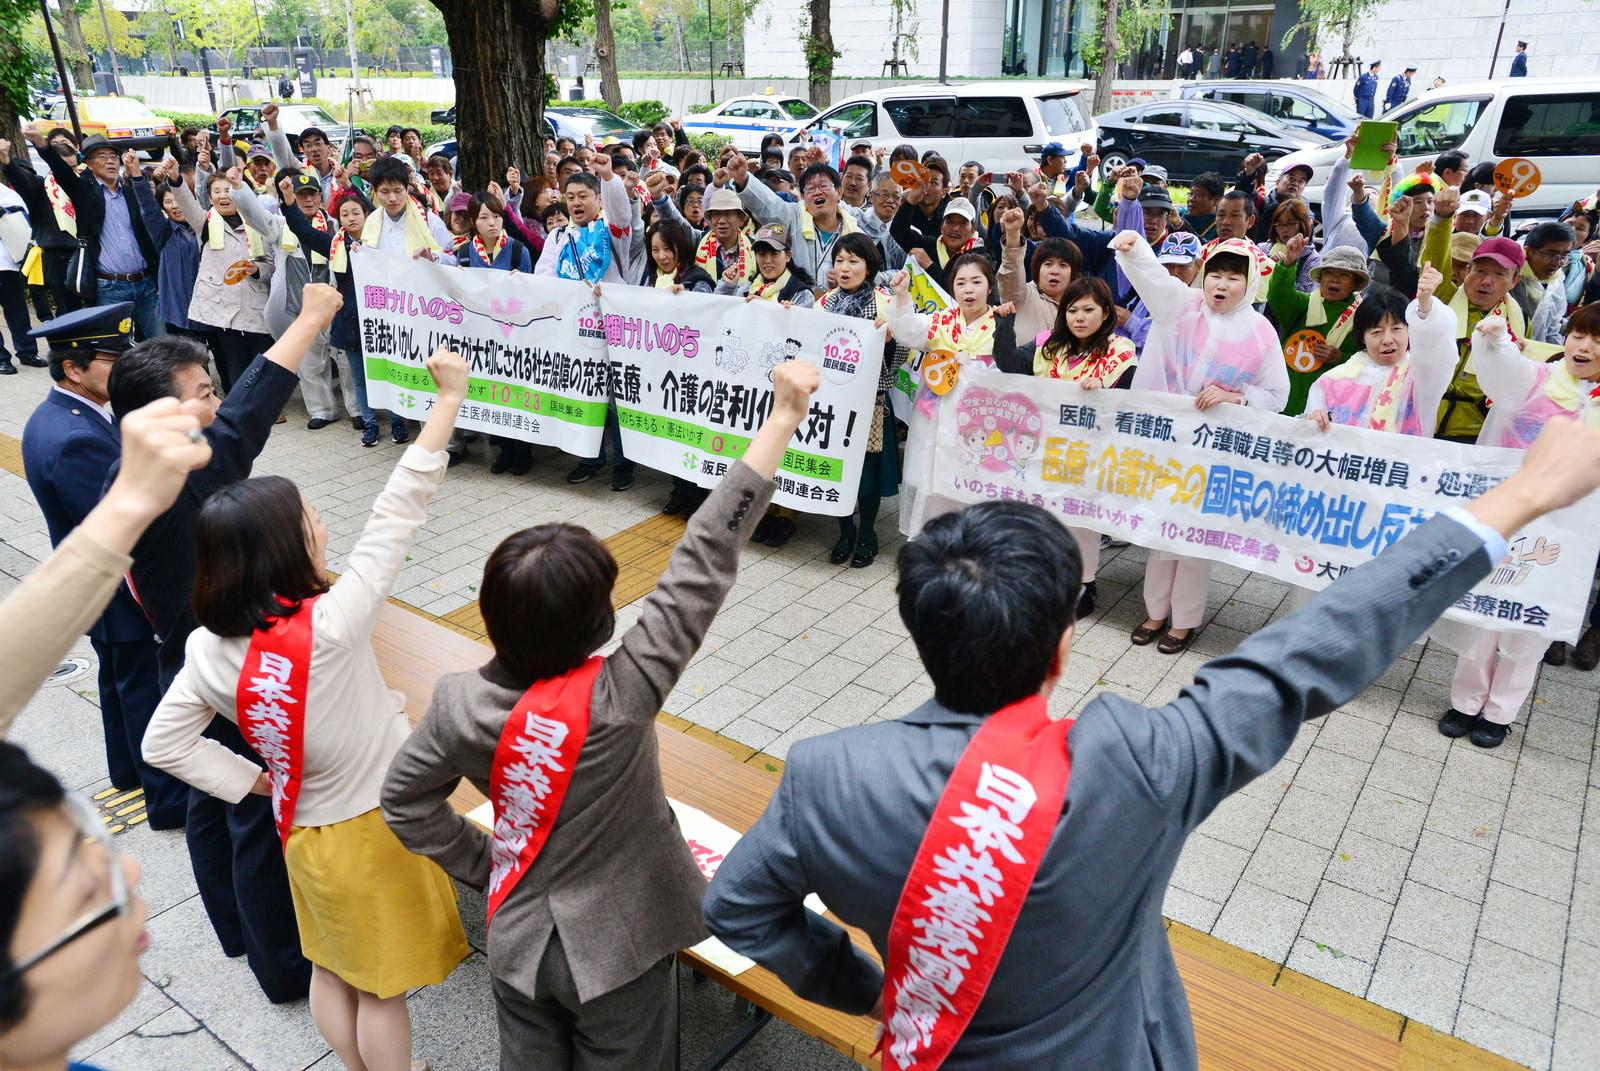 「がんばろう」とこぶしをあげる国民集会の参加者と日本共産党国会議員団=23日、参院議員面会所前